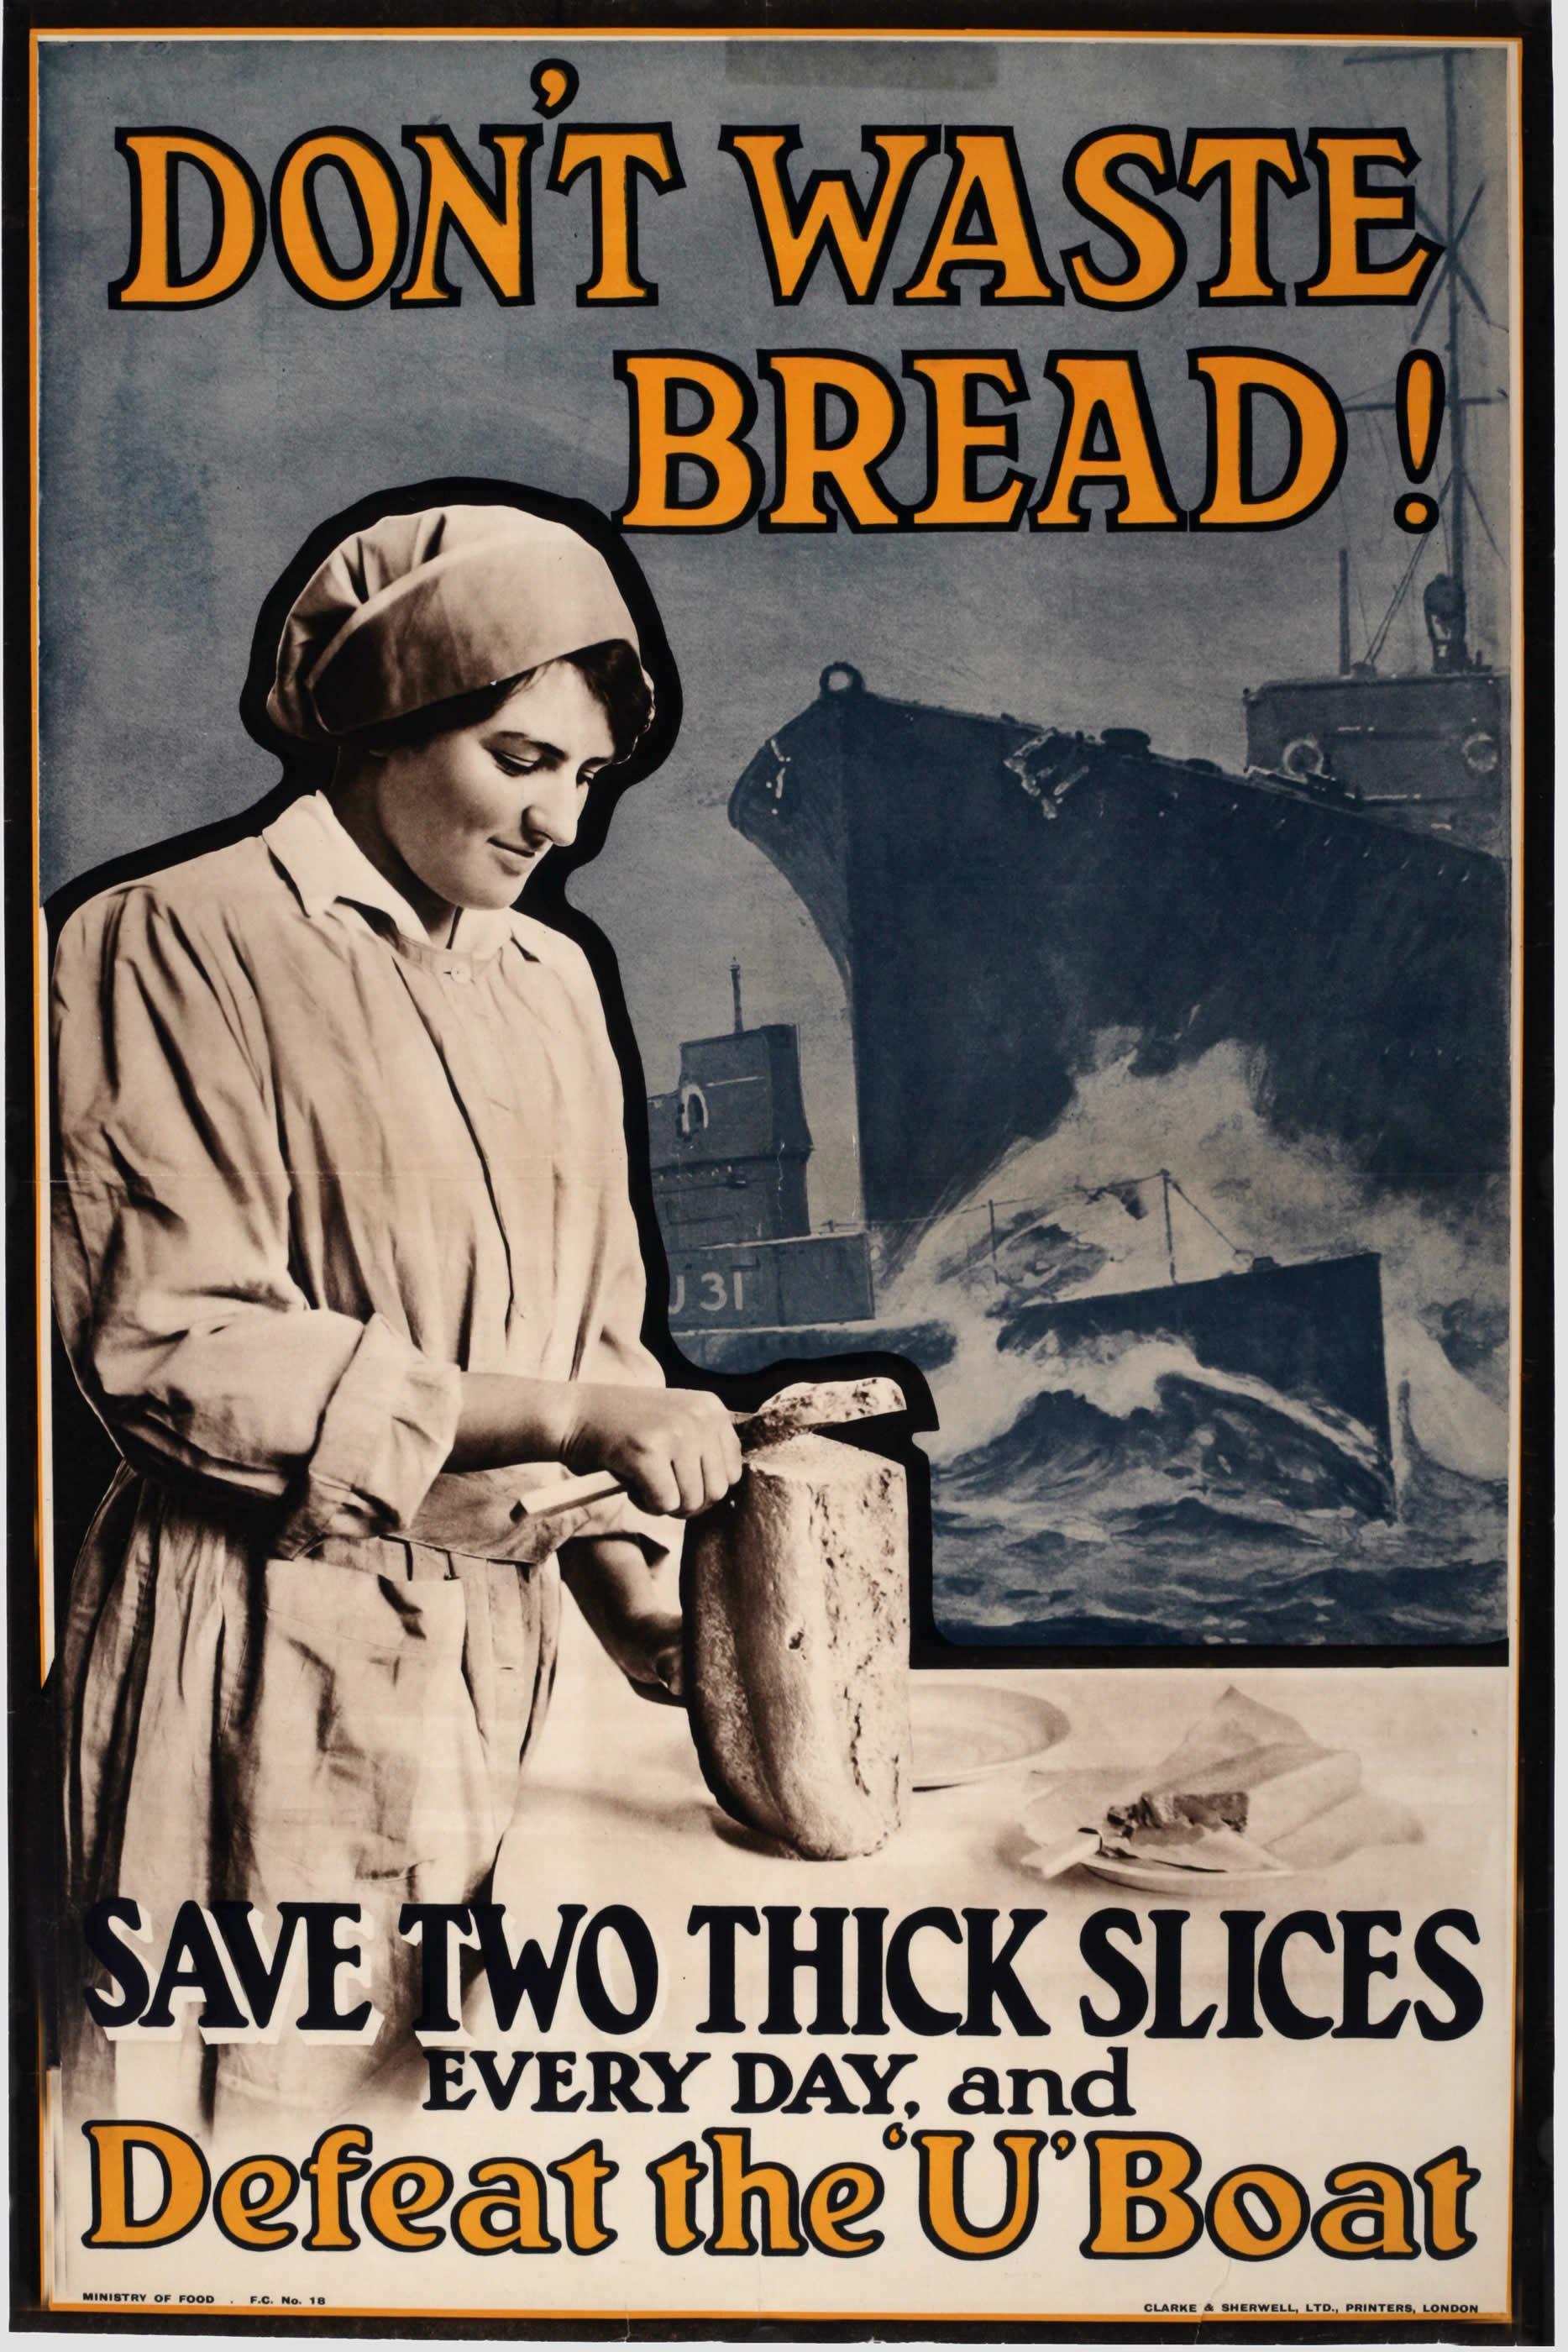 Cibo nella Prima guerra mondiale. Manifesto della propaganda britannica che invita le donne a non sprecare il pane per vanificare gli attacchi dei sottomarini tedeschi.